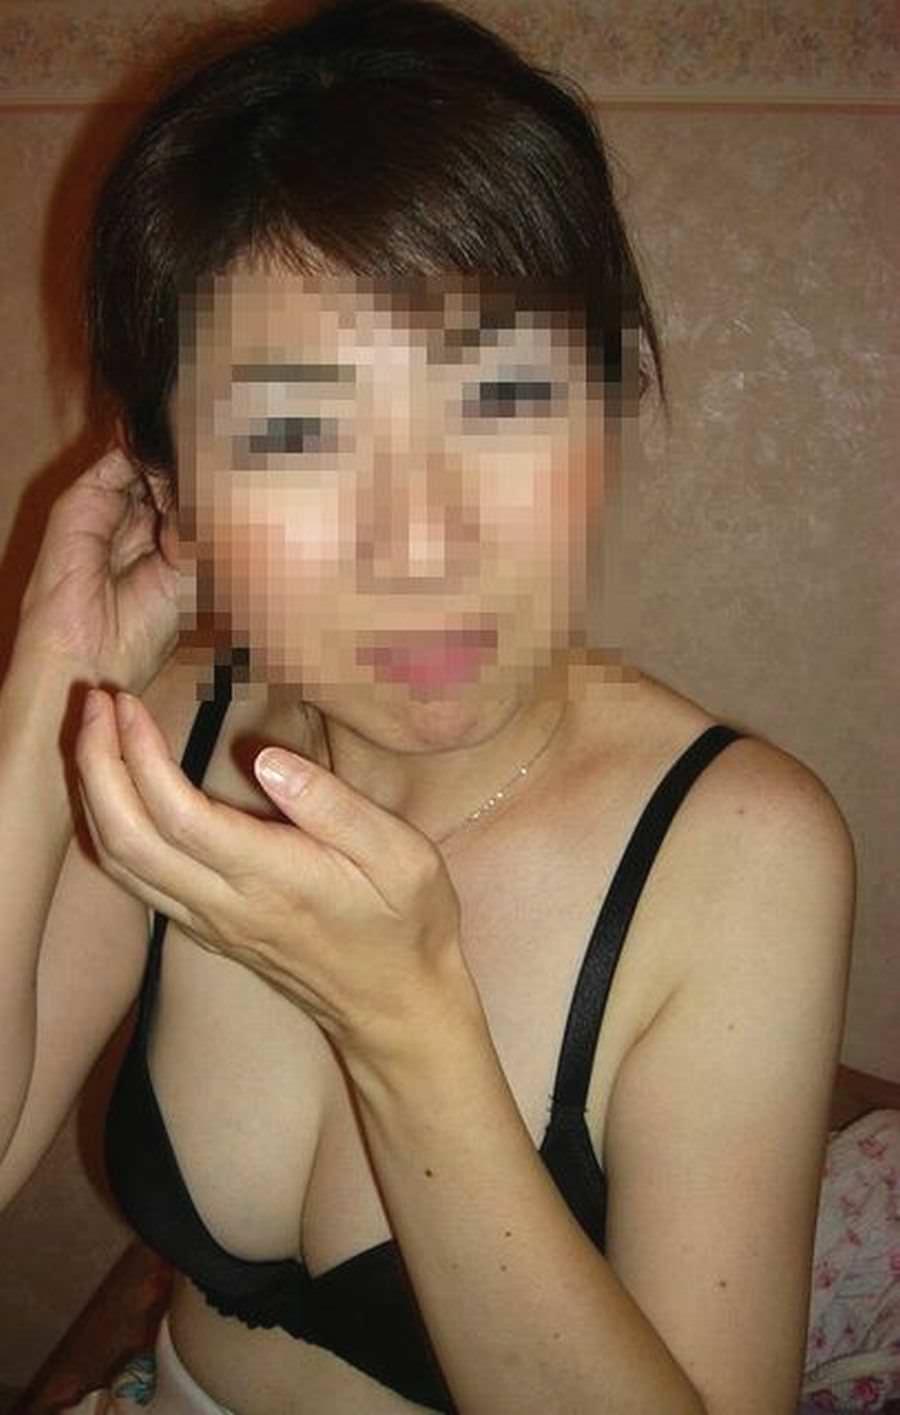 軽いSMプレイを楽しむ人妻とセックス時はハメ撮りする素人夫婦の夜の営みwwwwww 21133